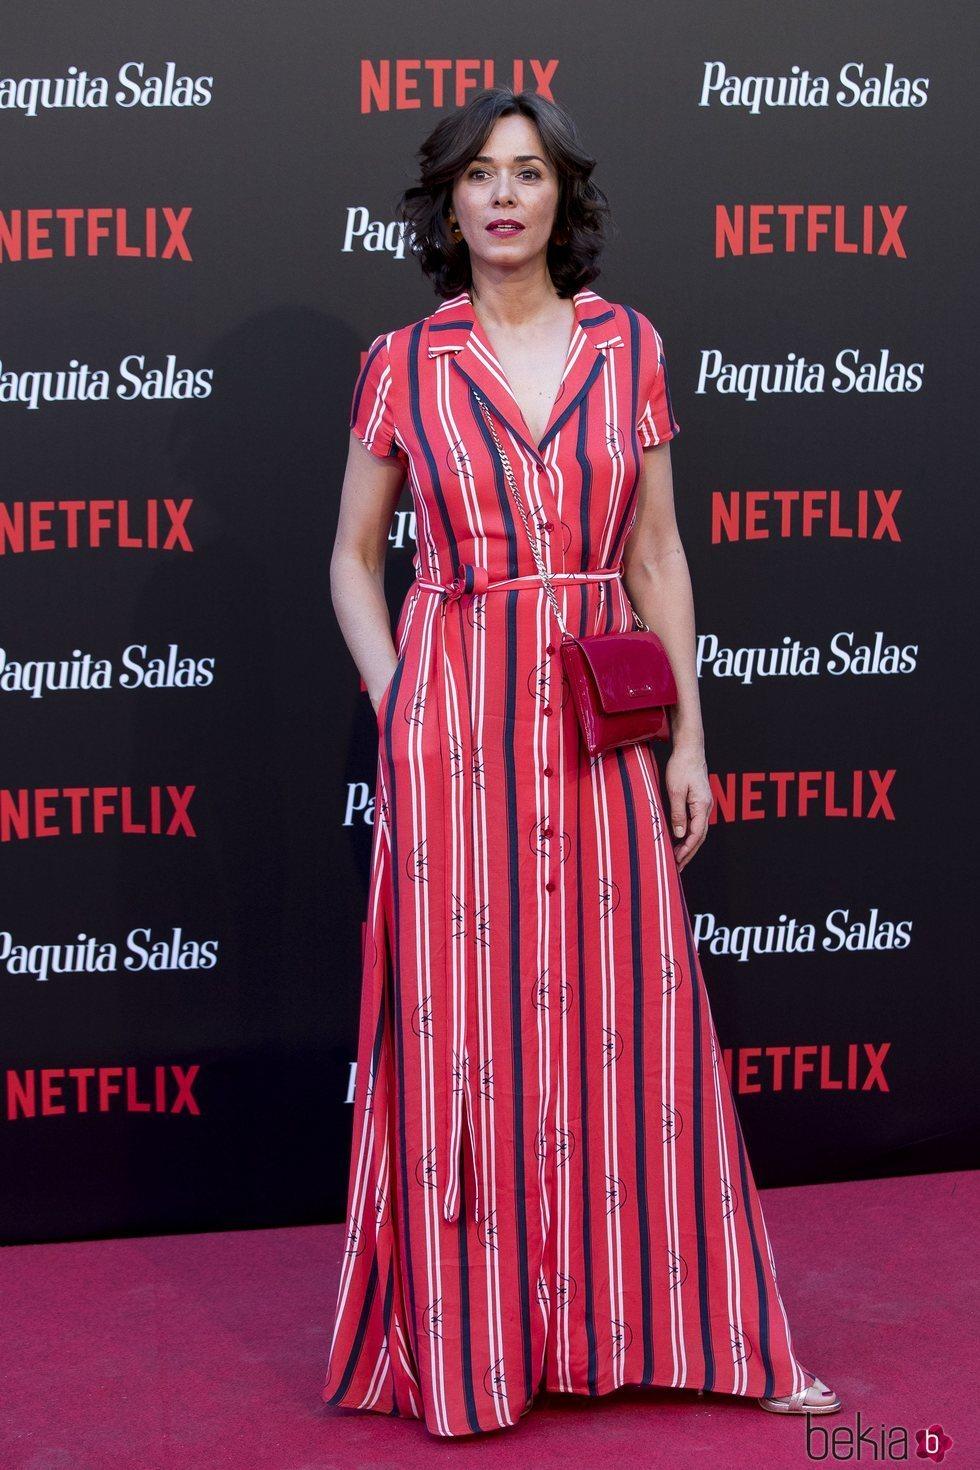 Fanny Gautier en la premiere de la segunda temporada de 'Paquita Salas'